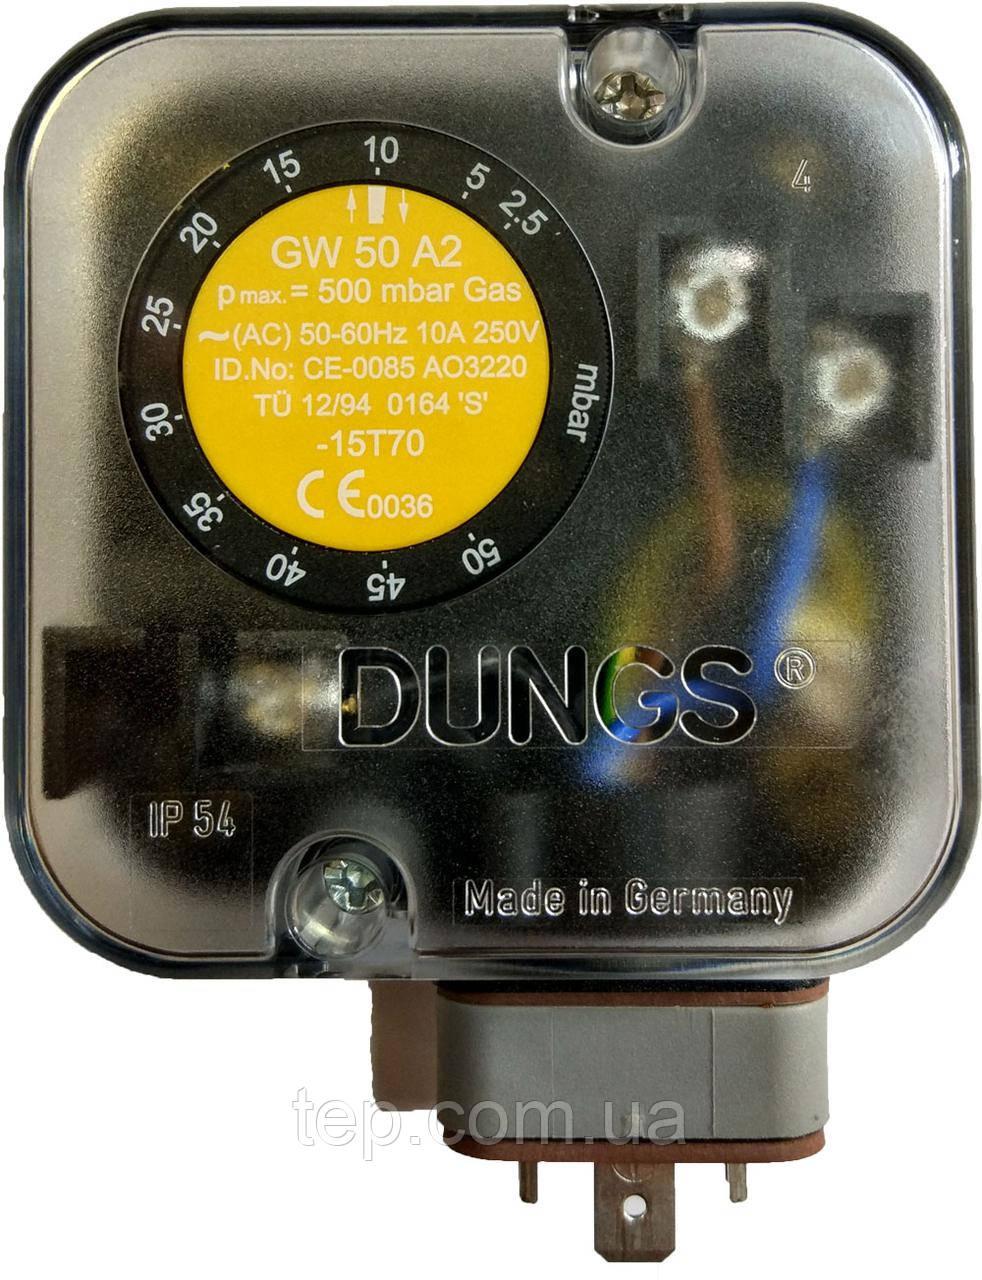 Датчик давления Dungs GW 50 A2 (GW50 A2)